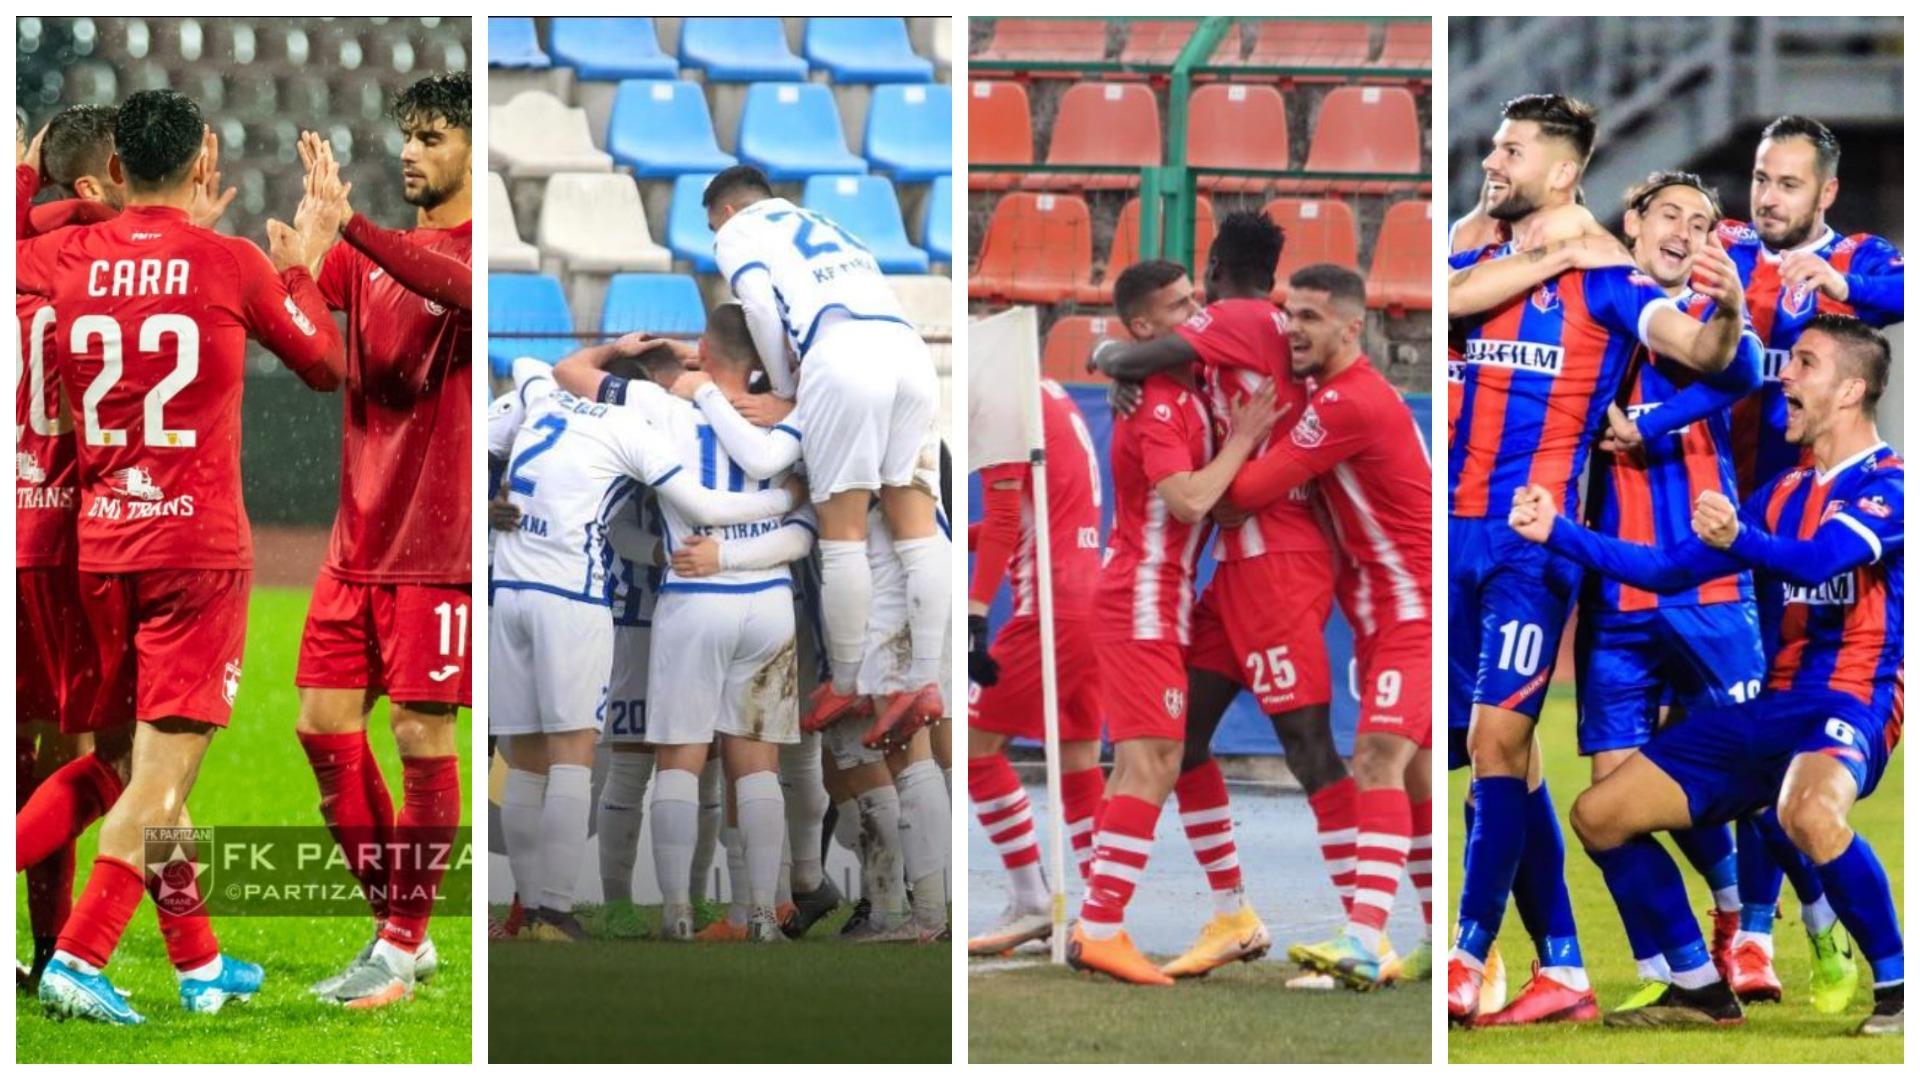 """FOTO/ Udhëheqin """"demat"""", Liga rendit më të ndjekurit në Facebook"""